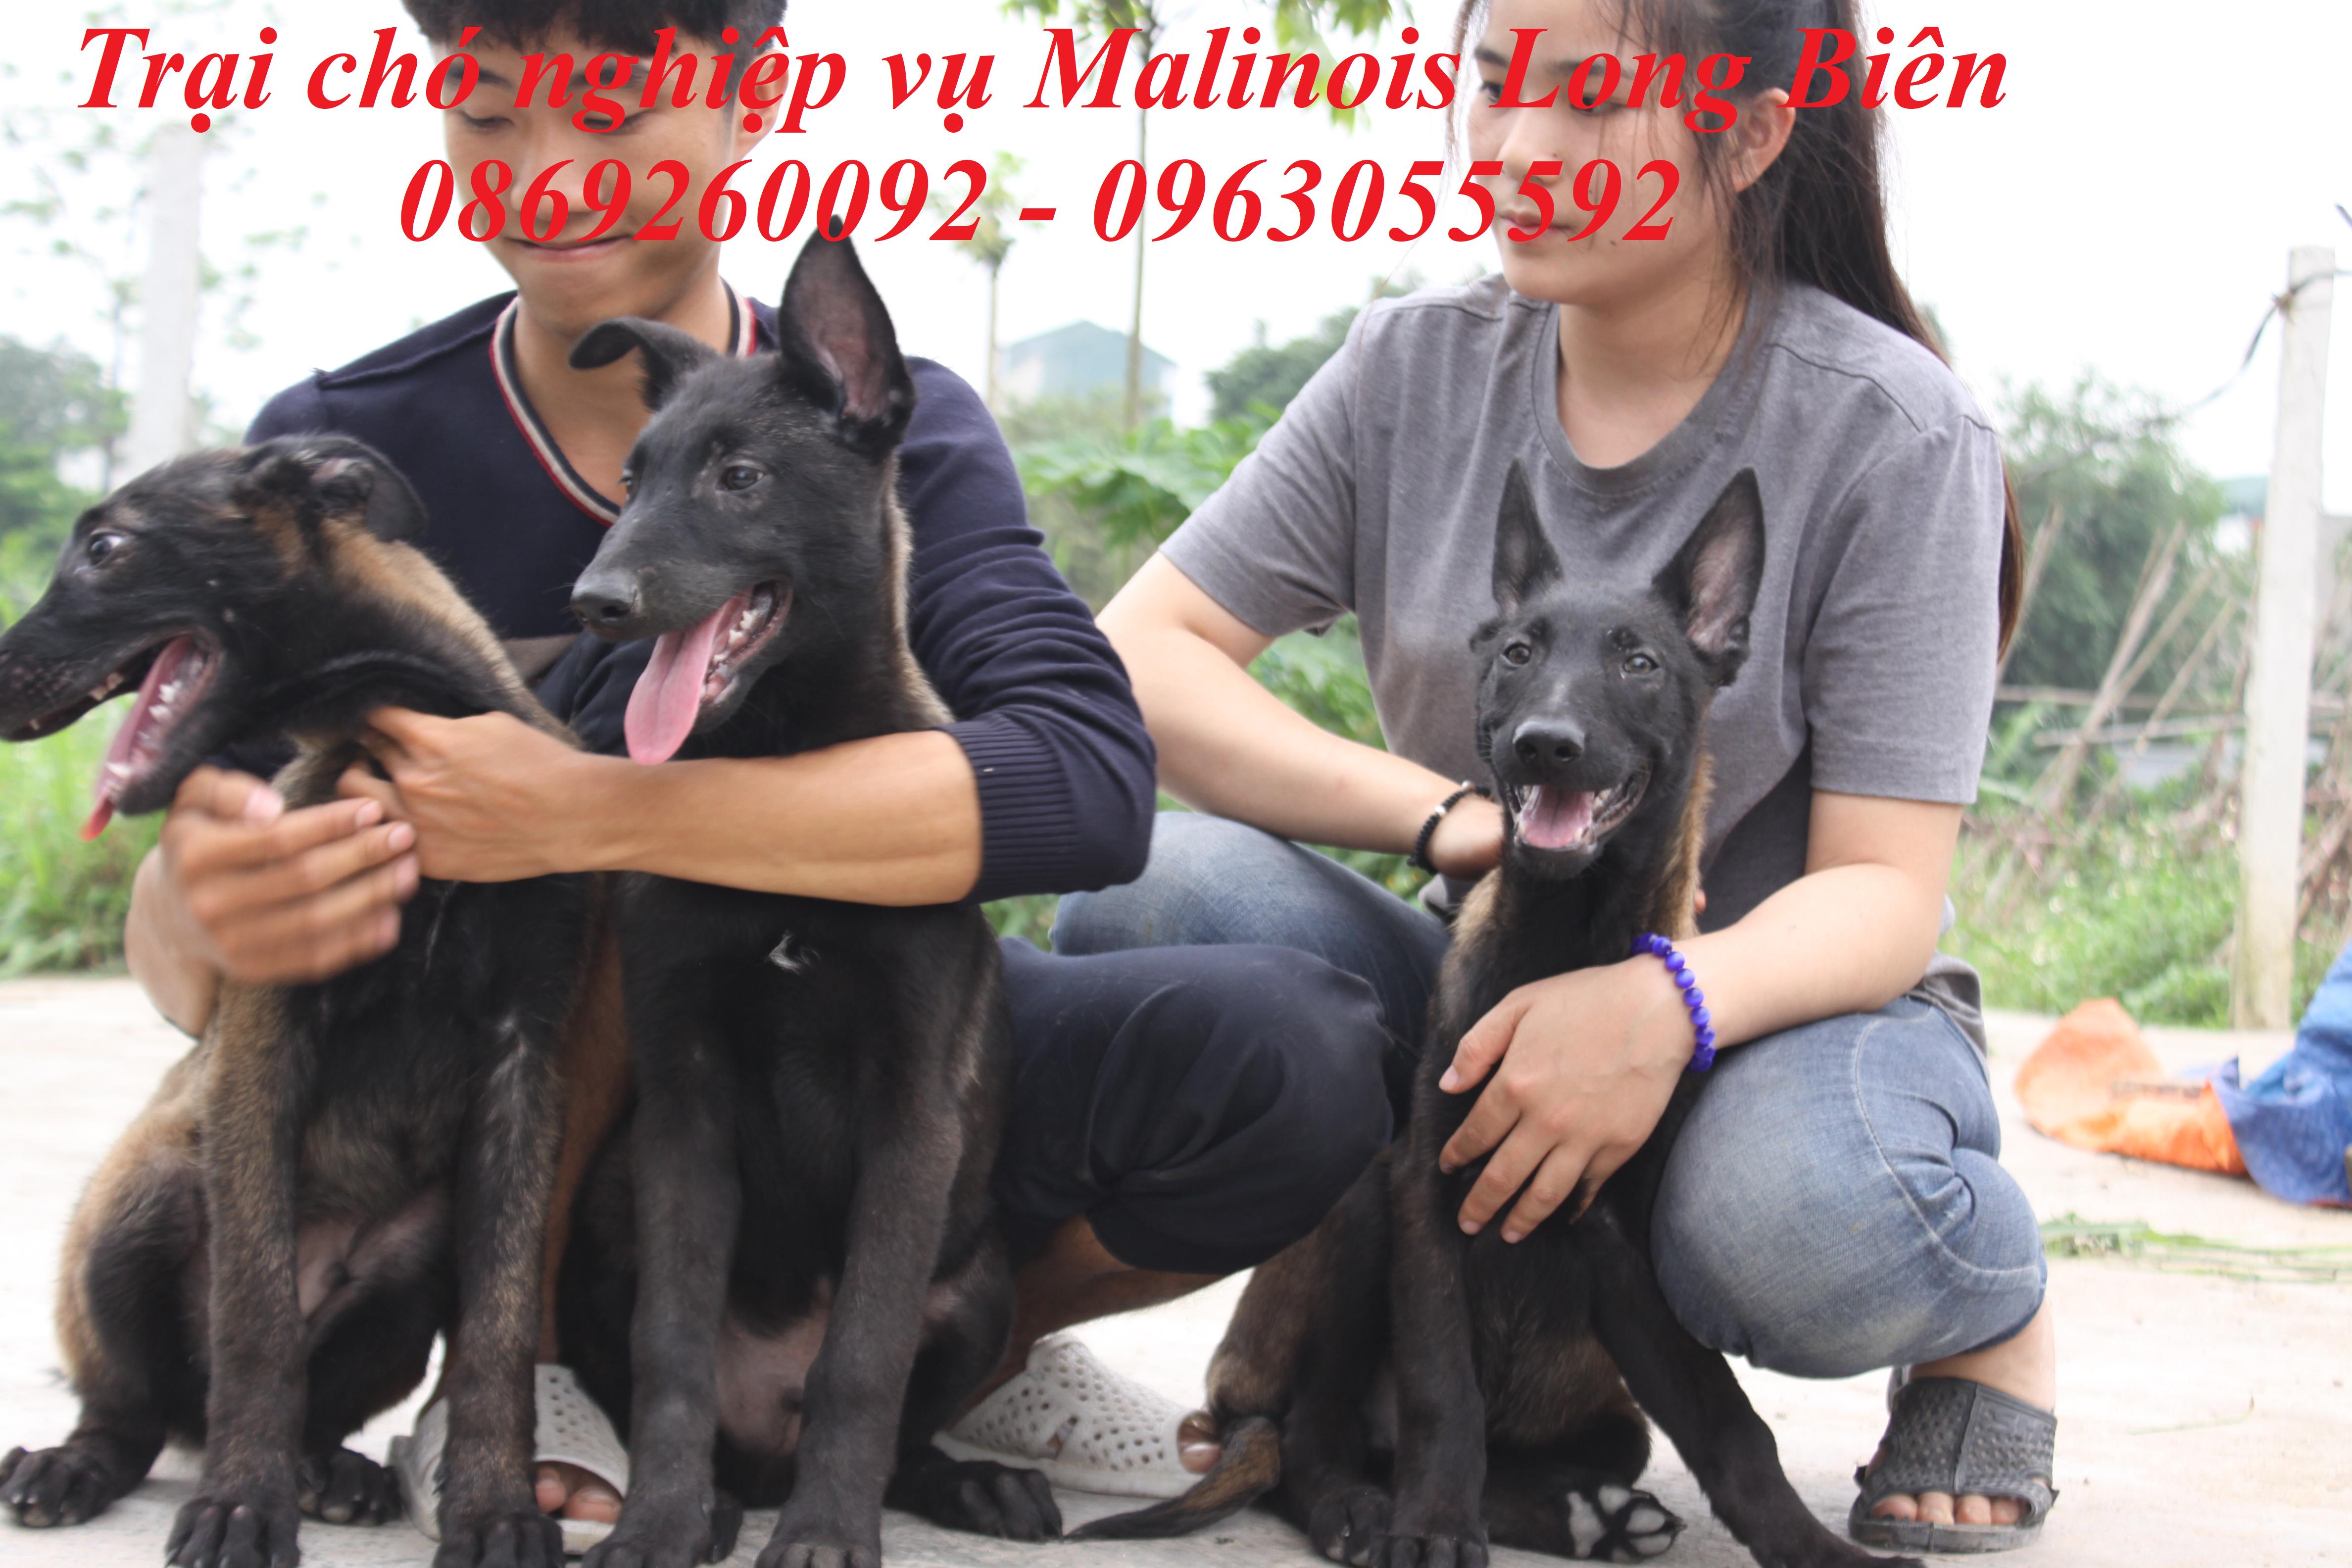 Chó Malinois con tại trại chó Malinois Long Biên